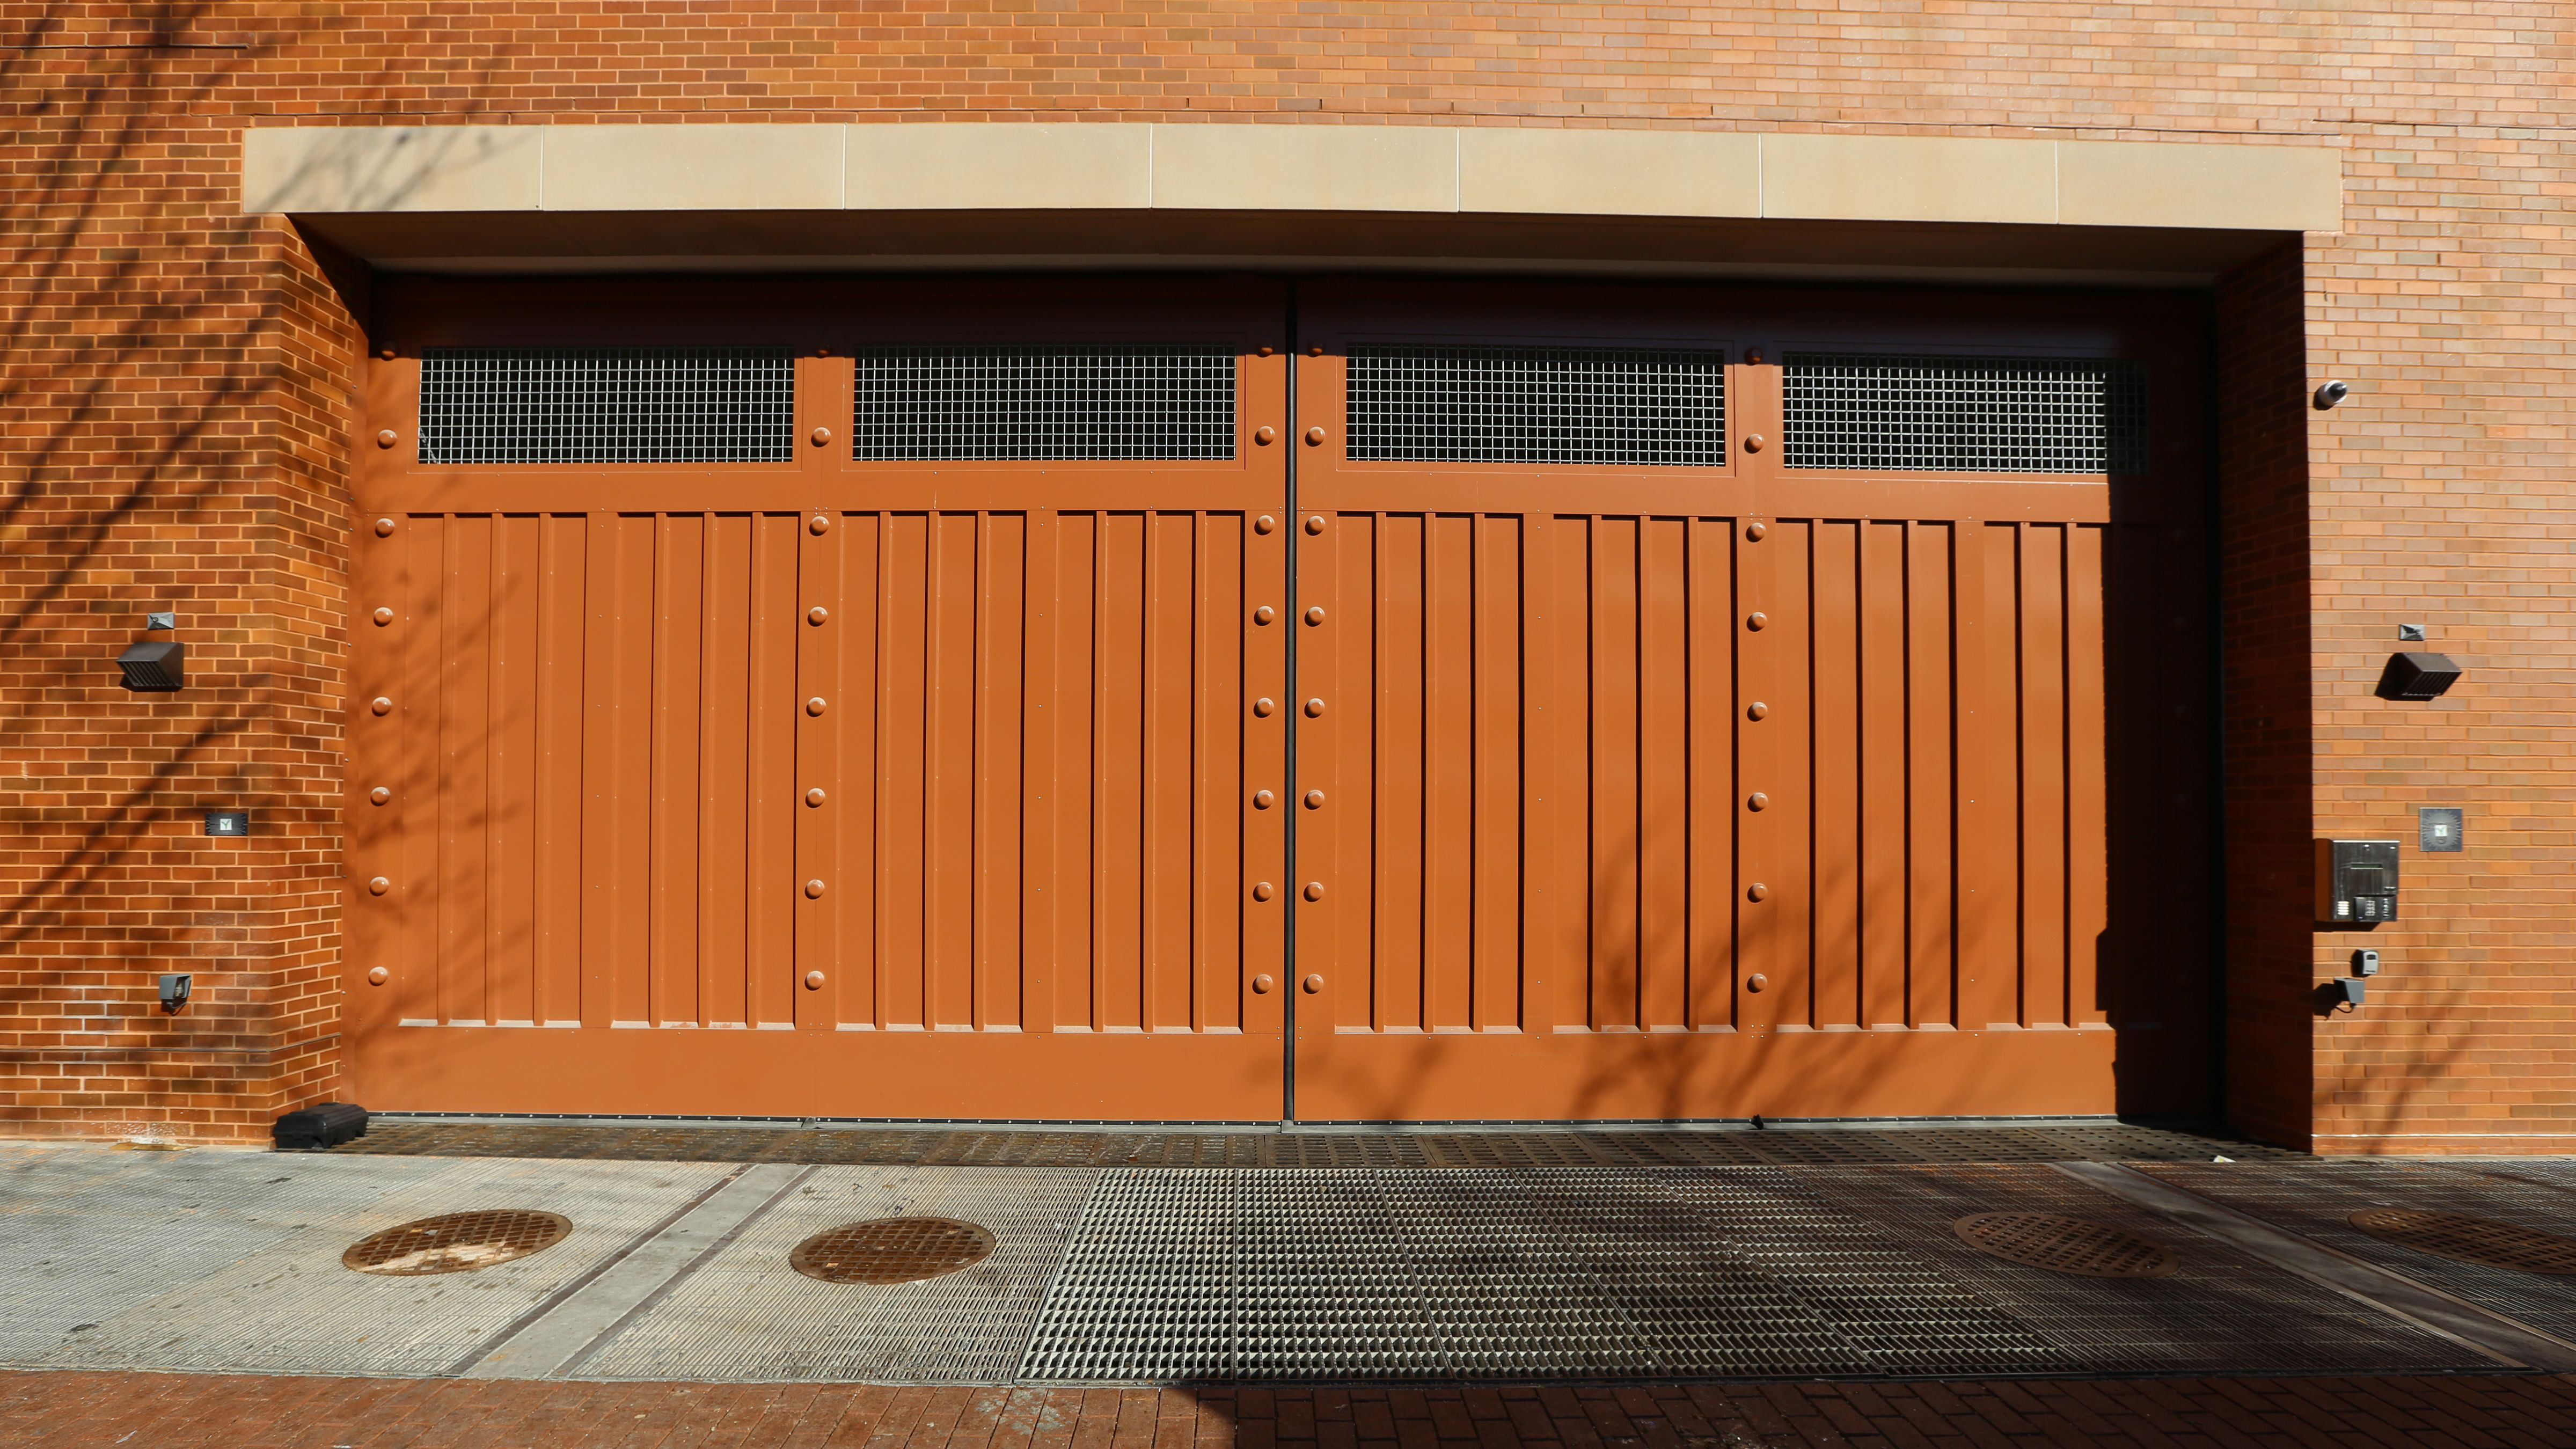 Genial Door Engineeringu0027s Top Hung Sliding Doors. Installed By Overhead Door  Company Of Washington, DC